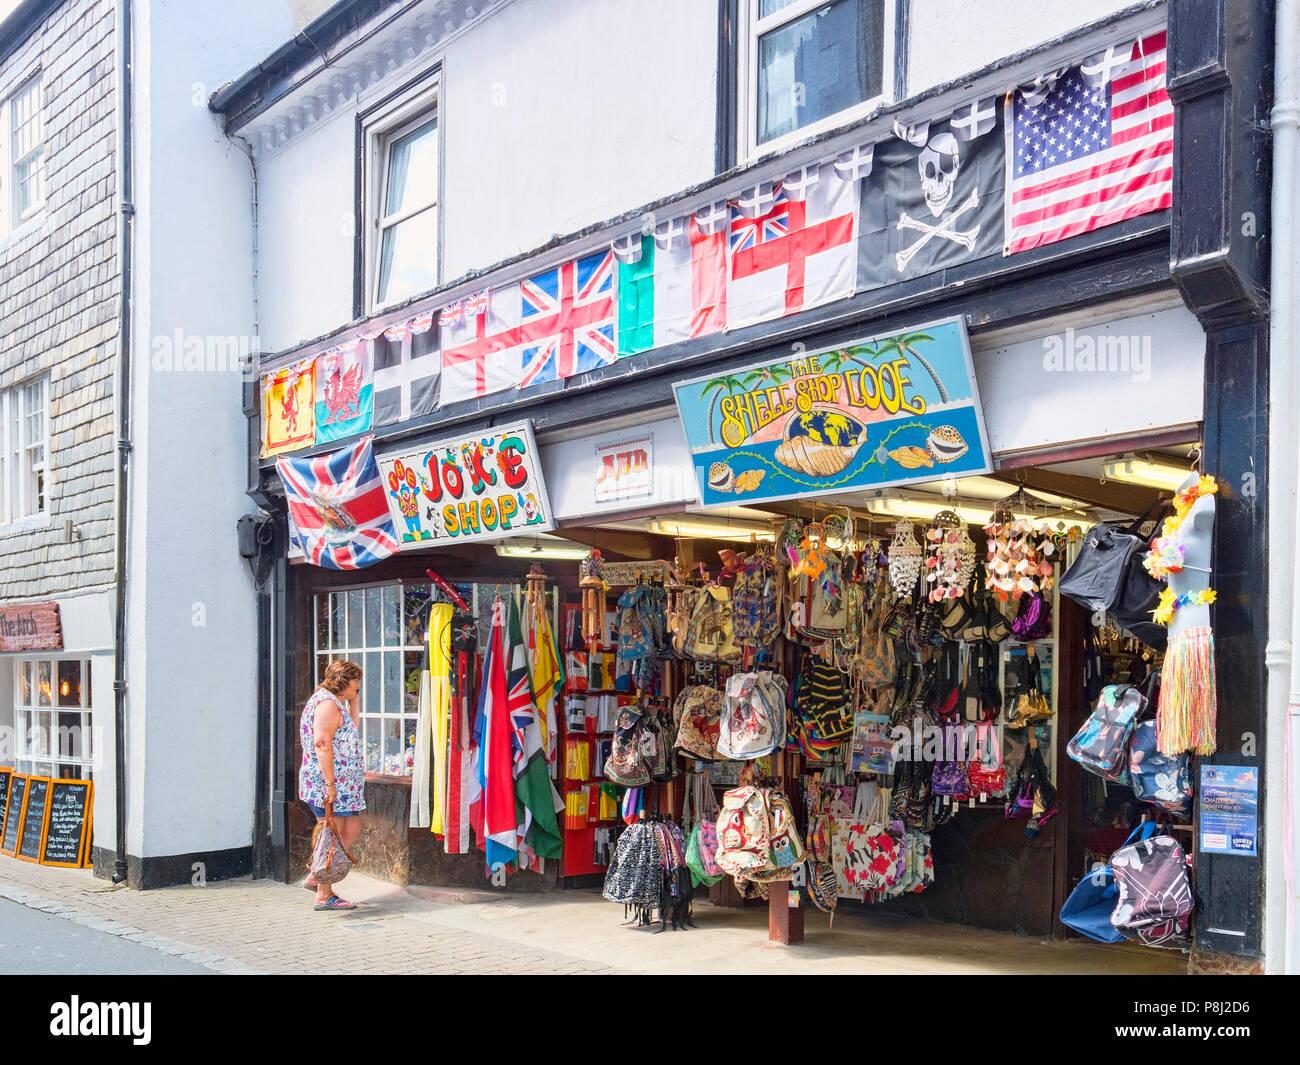 6 juin 2018: Looe, Cornwall, UK - Boutiques dans l'Buller Street, avec une boutique de farces et un Shell Shop. Femme à la recherche de la fenêtre. Photo Stock